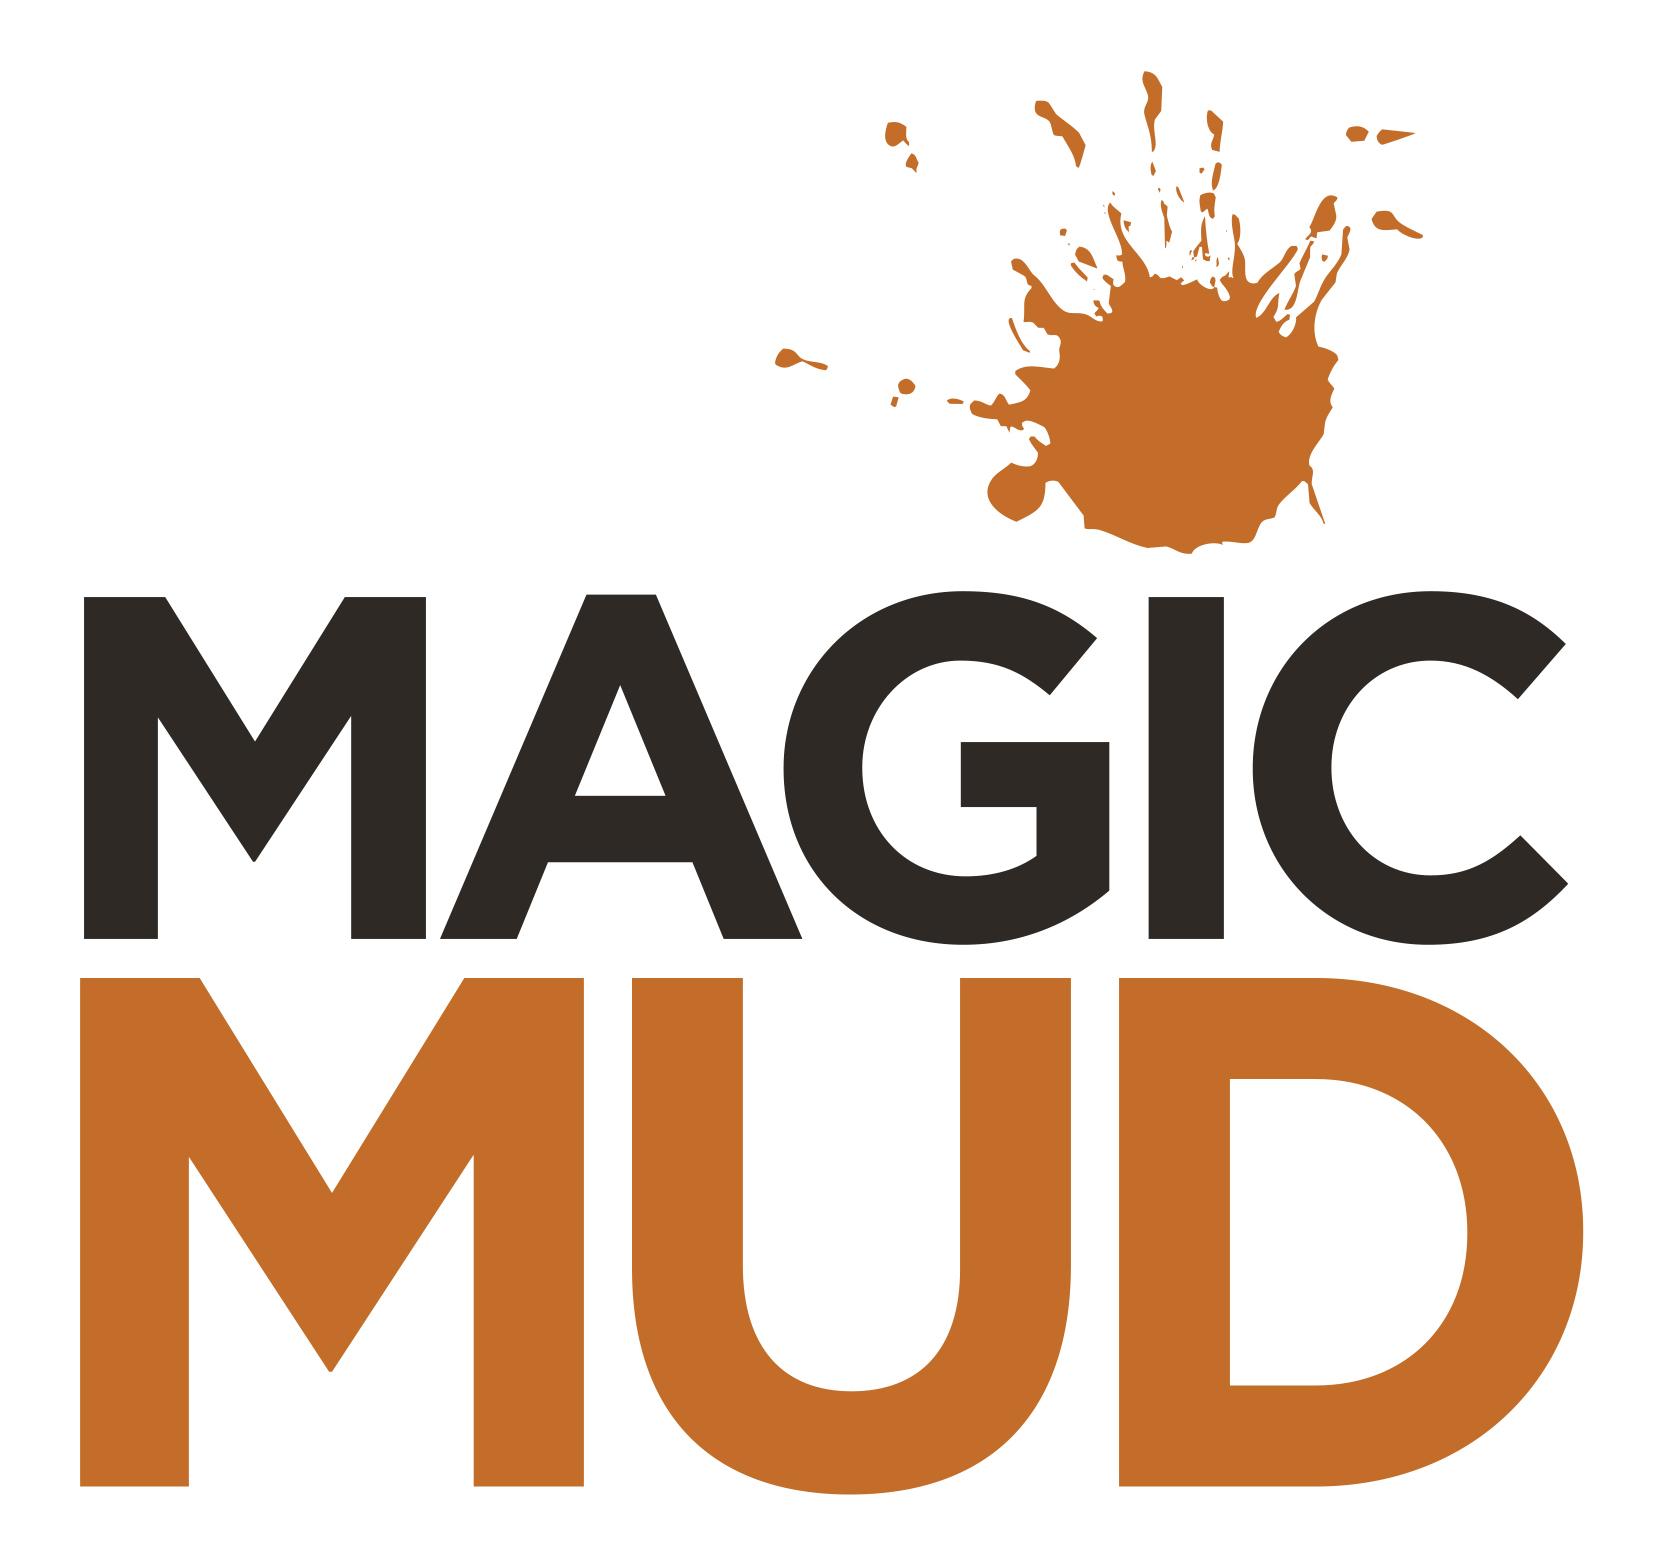 MM_Logo_Wix1